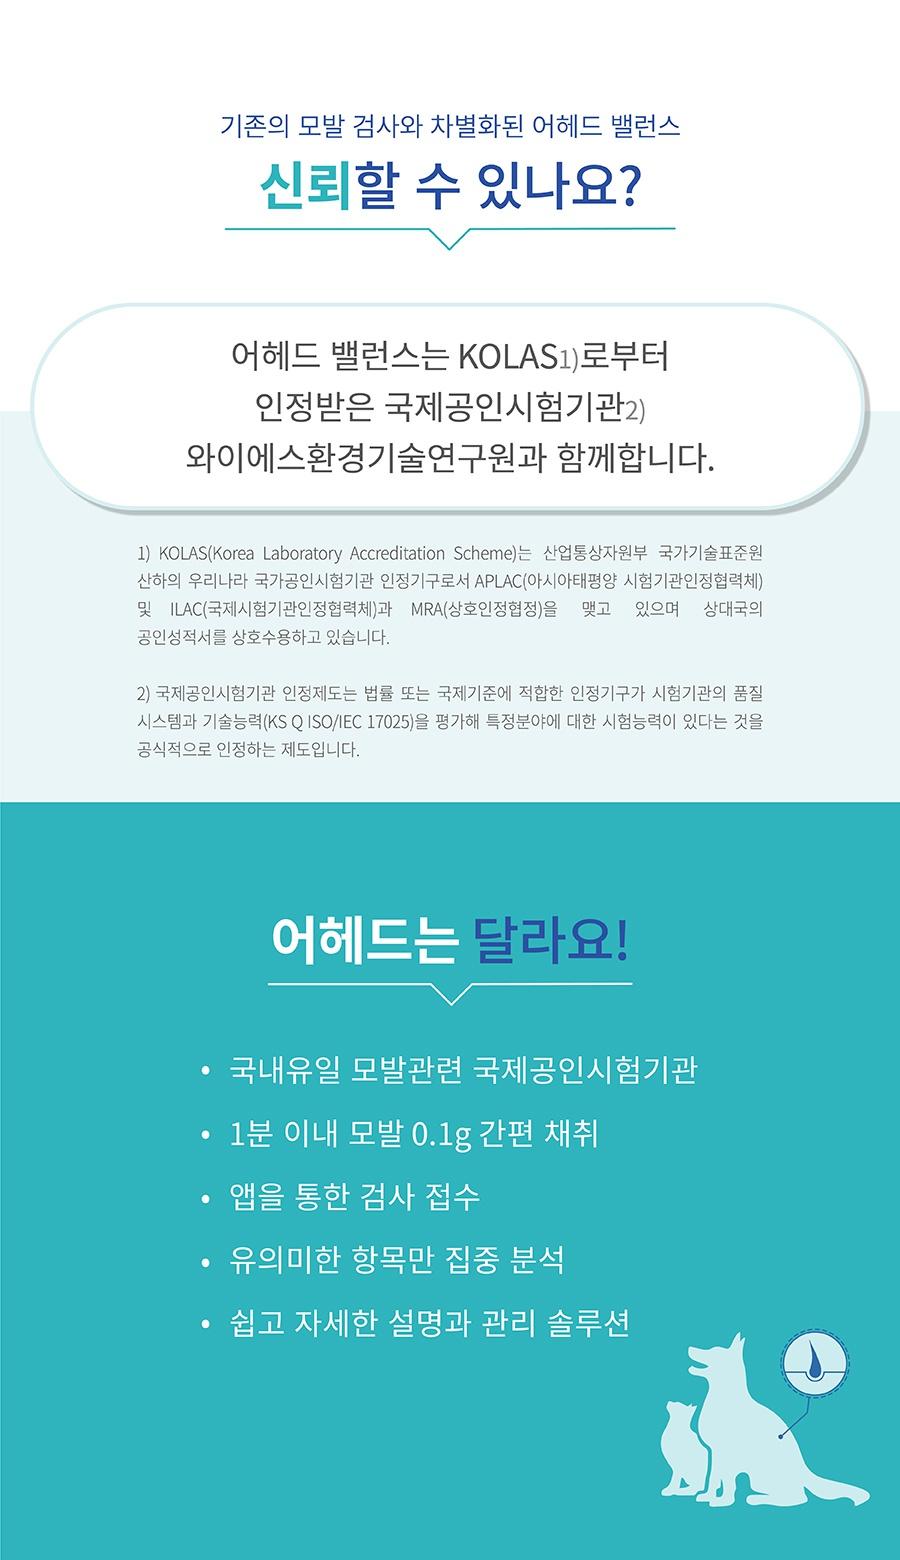 핏펫 어헤드 밸런스 - 모발검사키트-상품이미지-12